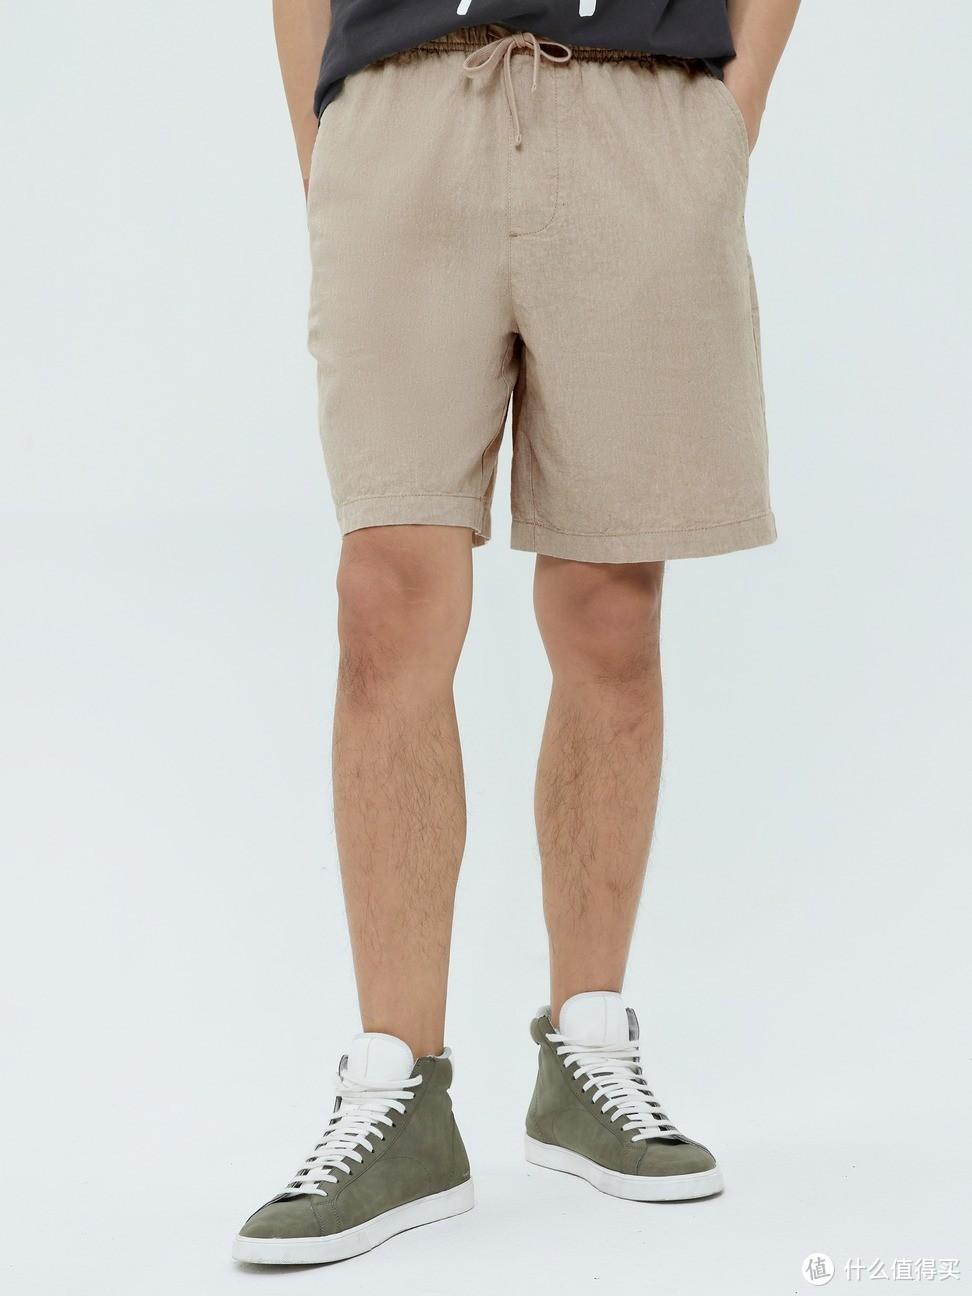 GAP官网低价来袭,给全家买夏季短装可以有!